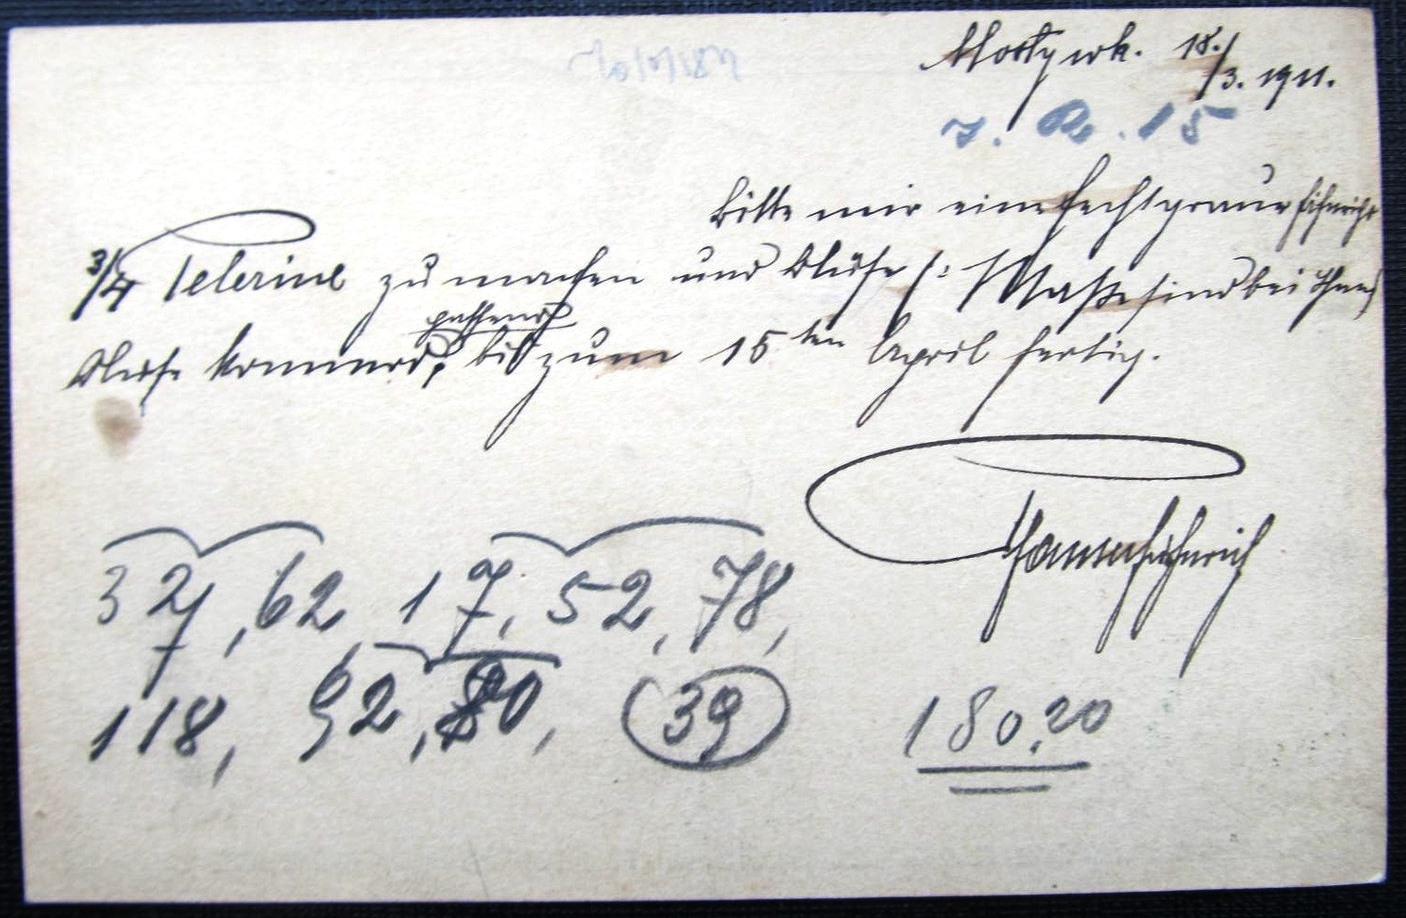 Великі Мости - Грац, 1911